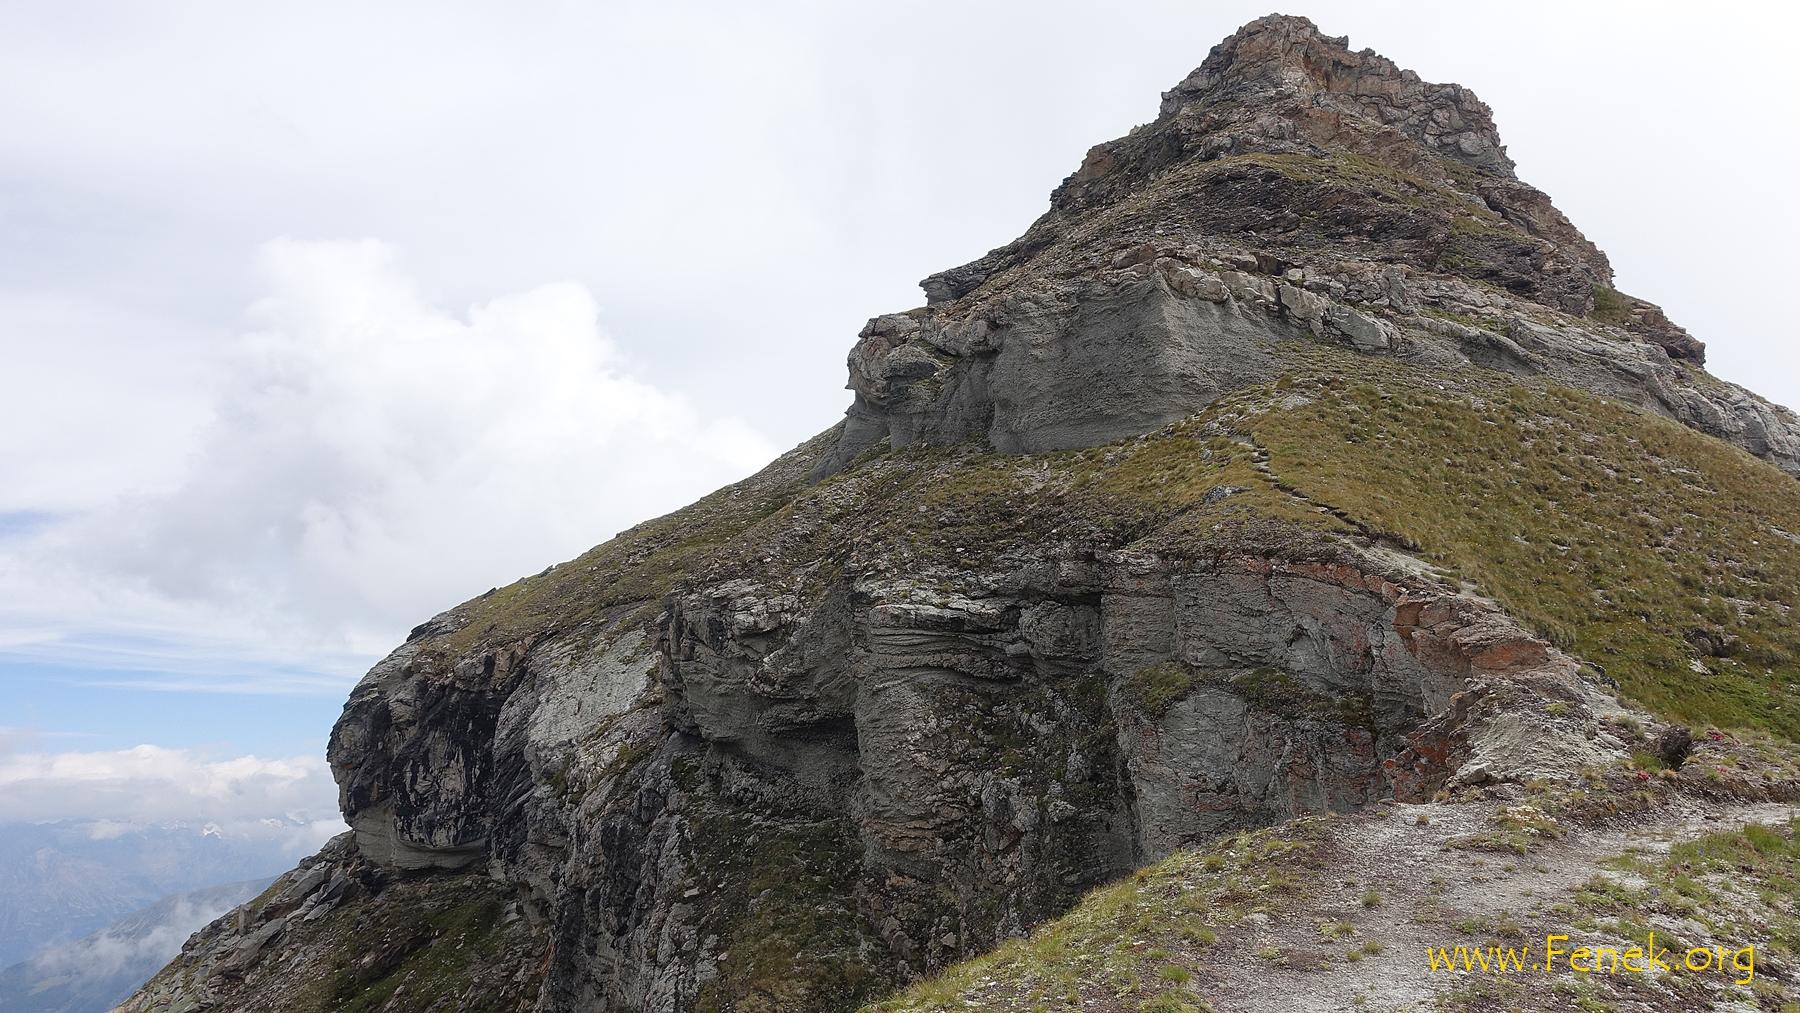 nach dem schmalen Teil geht es hoch zur Felswand und dann links